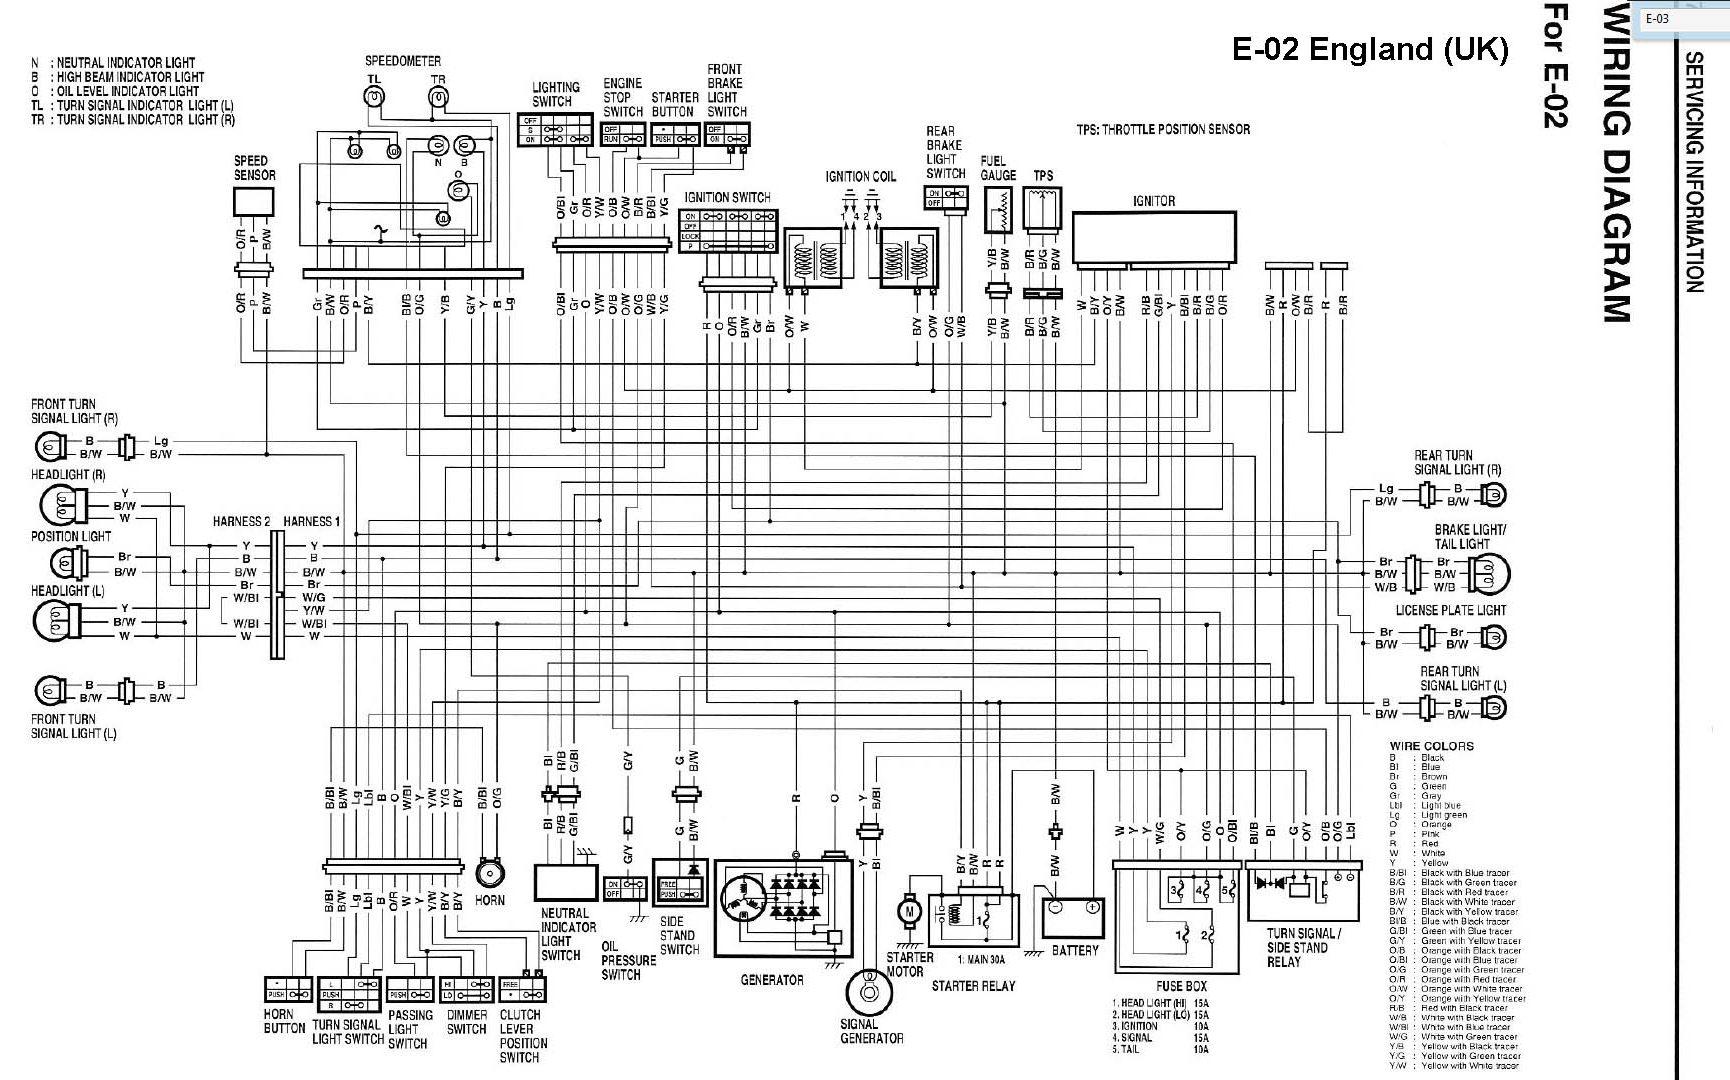 lz_2244] suzuki gsx750 katana gsx 750 electrical wiring diagram schematics  1997 wiring diagram  elia stre over marki xolia mohammedshrine librar wiring 101